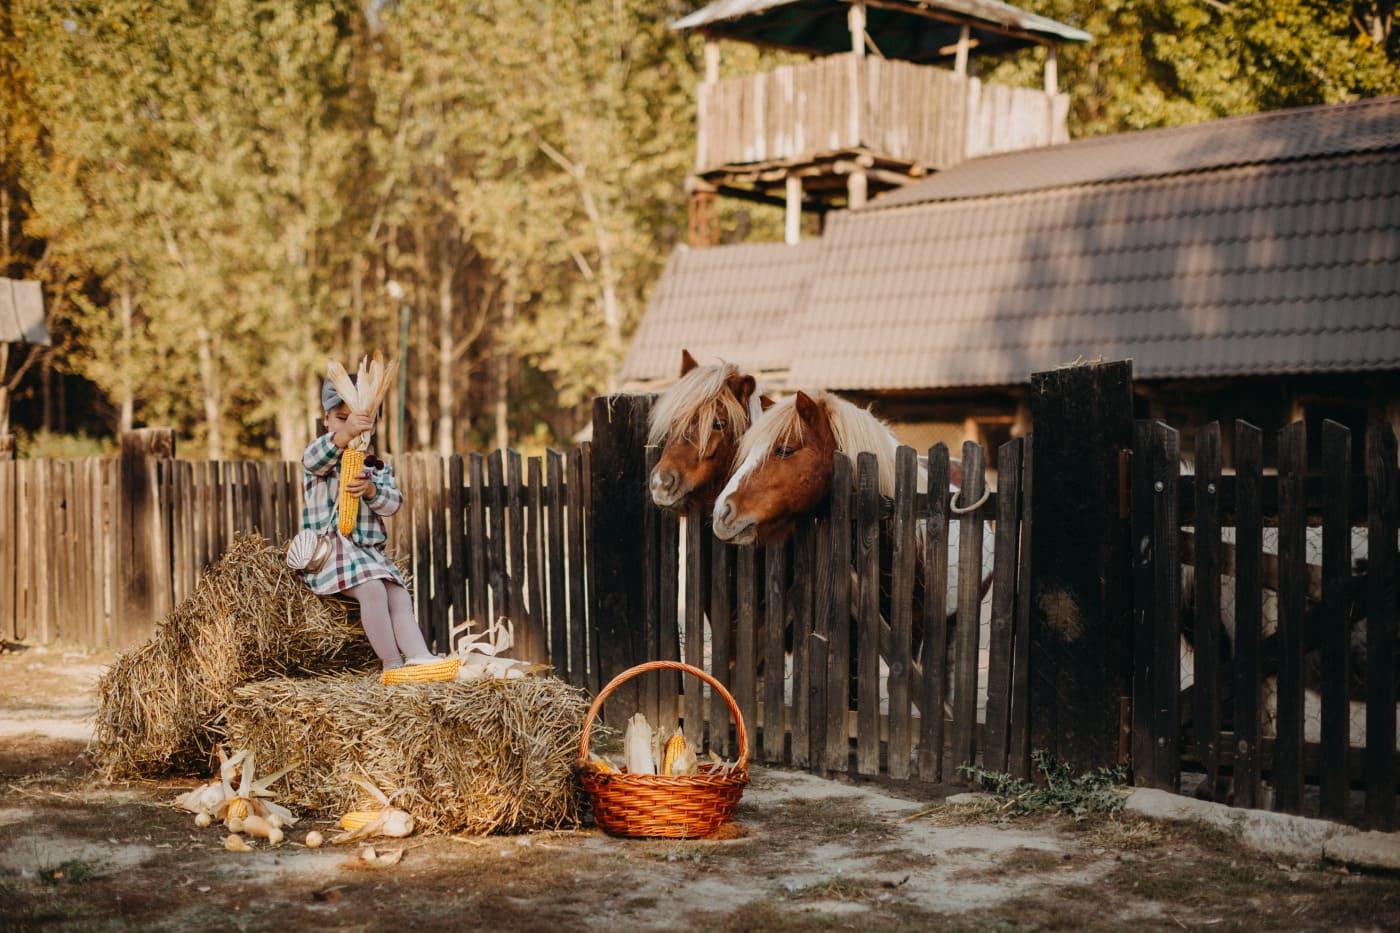 Landwirtschaft, untergeordnete, Bauernhaus, Ranch, Heuhaufen, Tiere, Hay, Pferde, Scheune, Holz